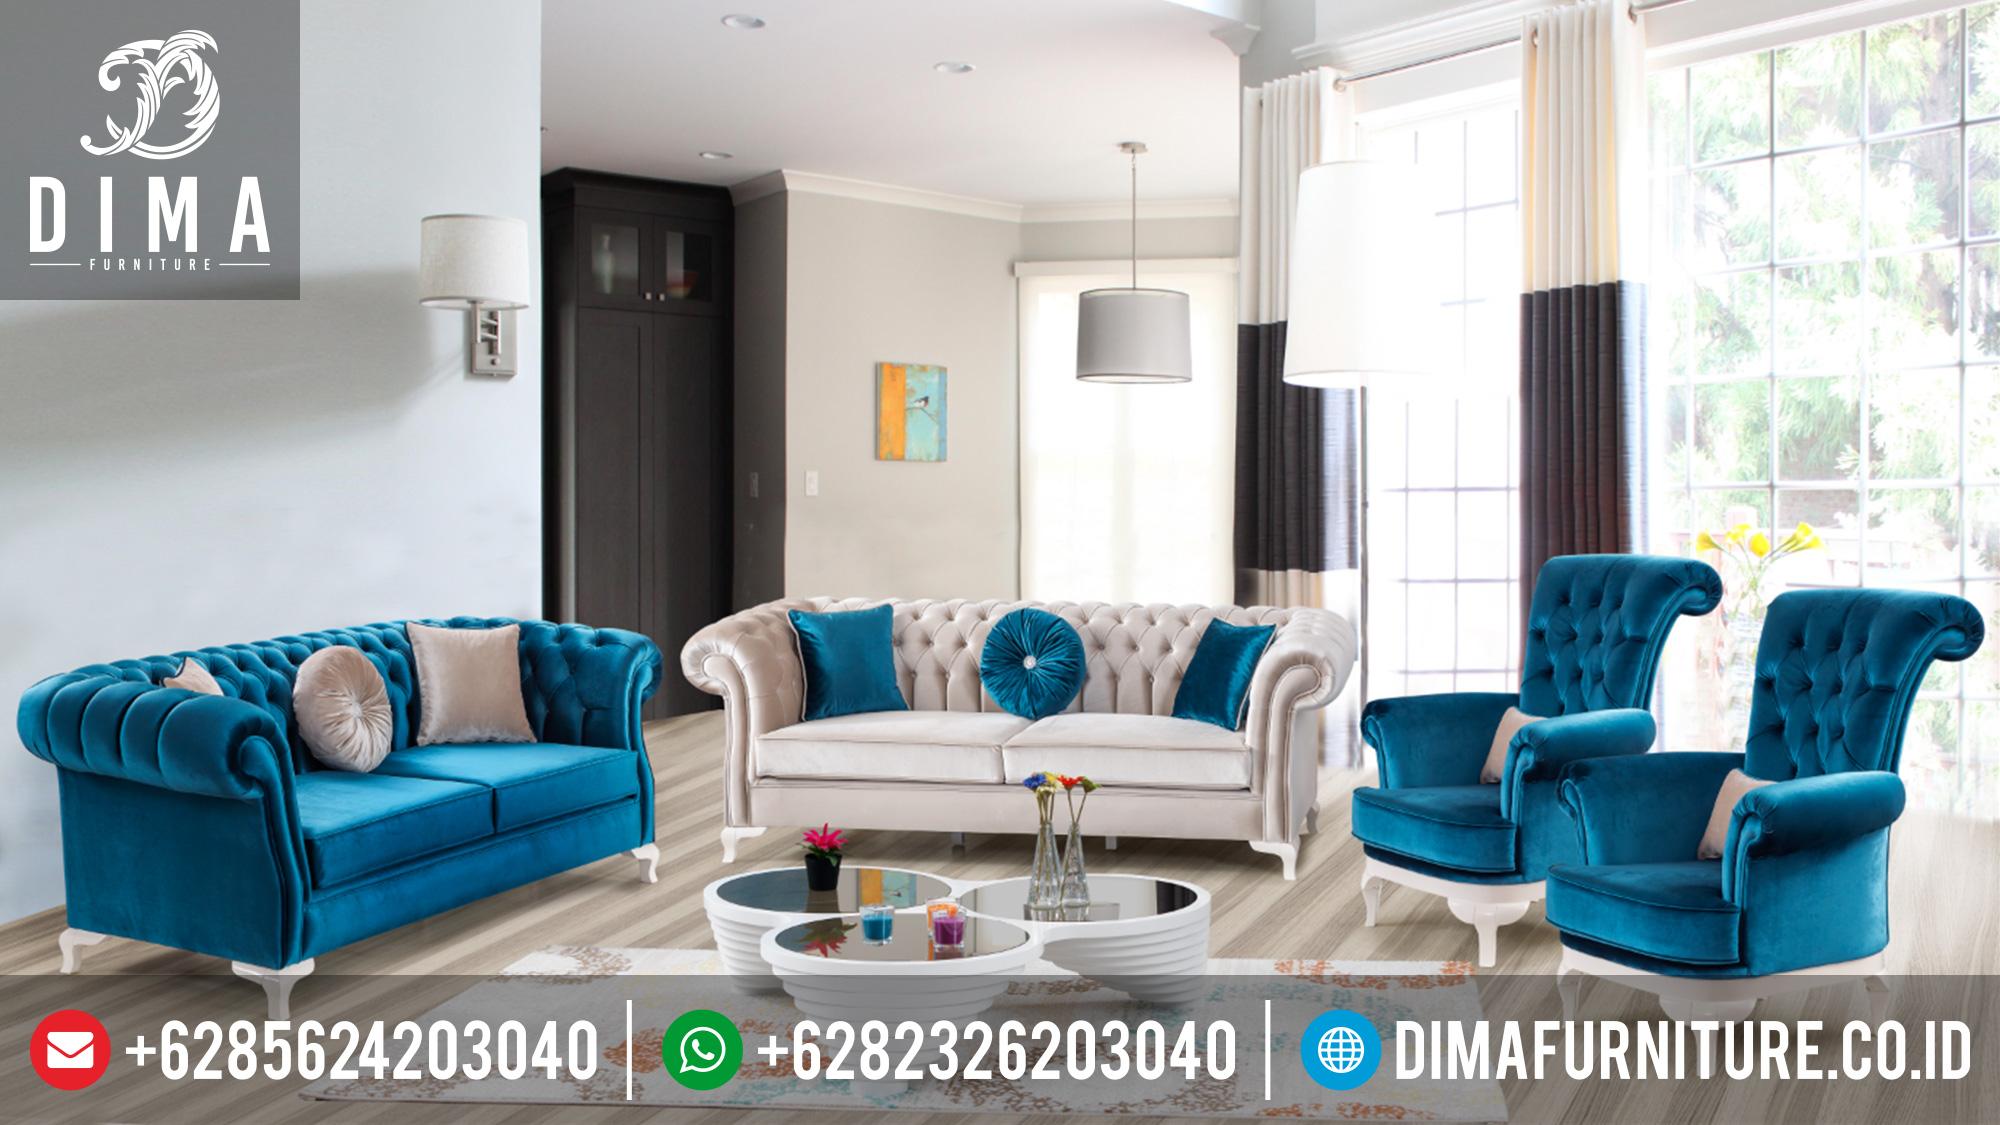 Jual Sofa Mewah Ruang Tamu, Beli Kursi Tamu Mewah Minimalis Terbaru, Sofa Minimalis Jepara MM-0111 Gambar 1